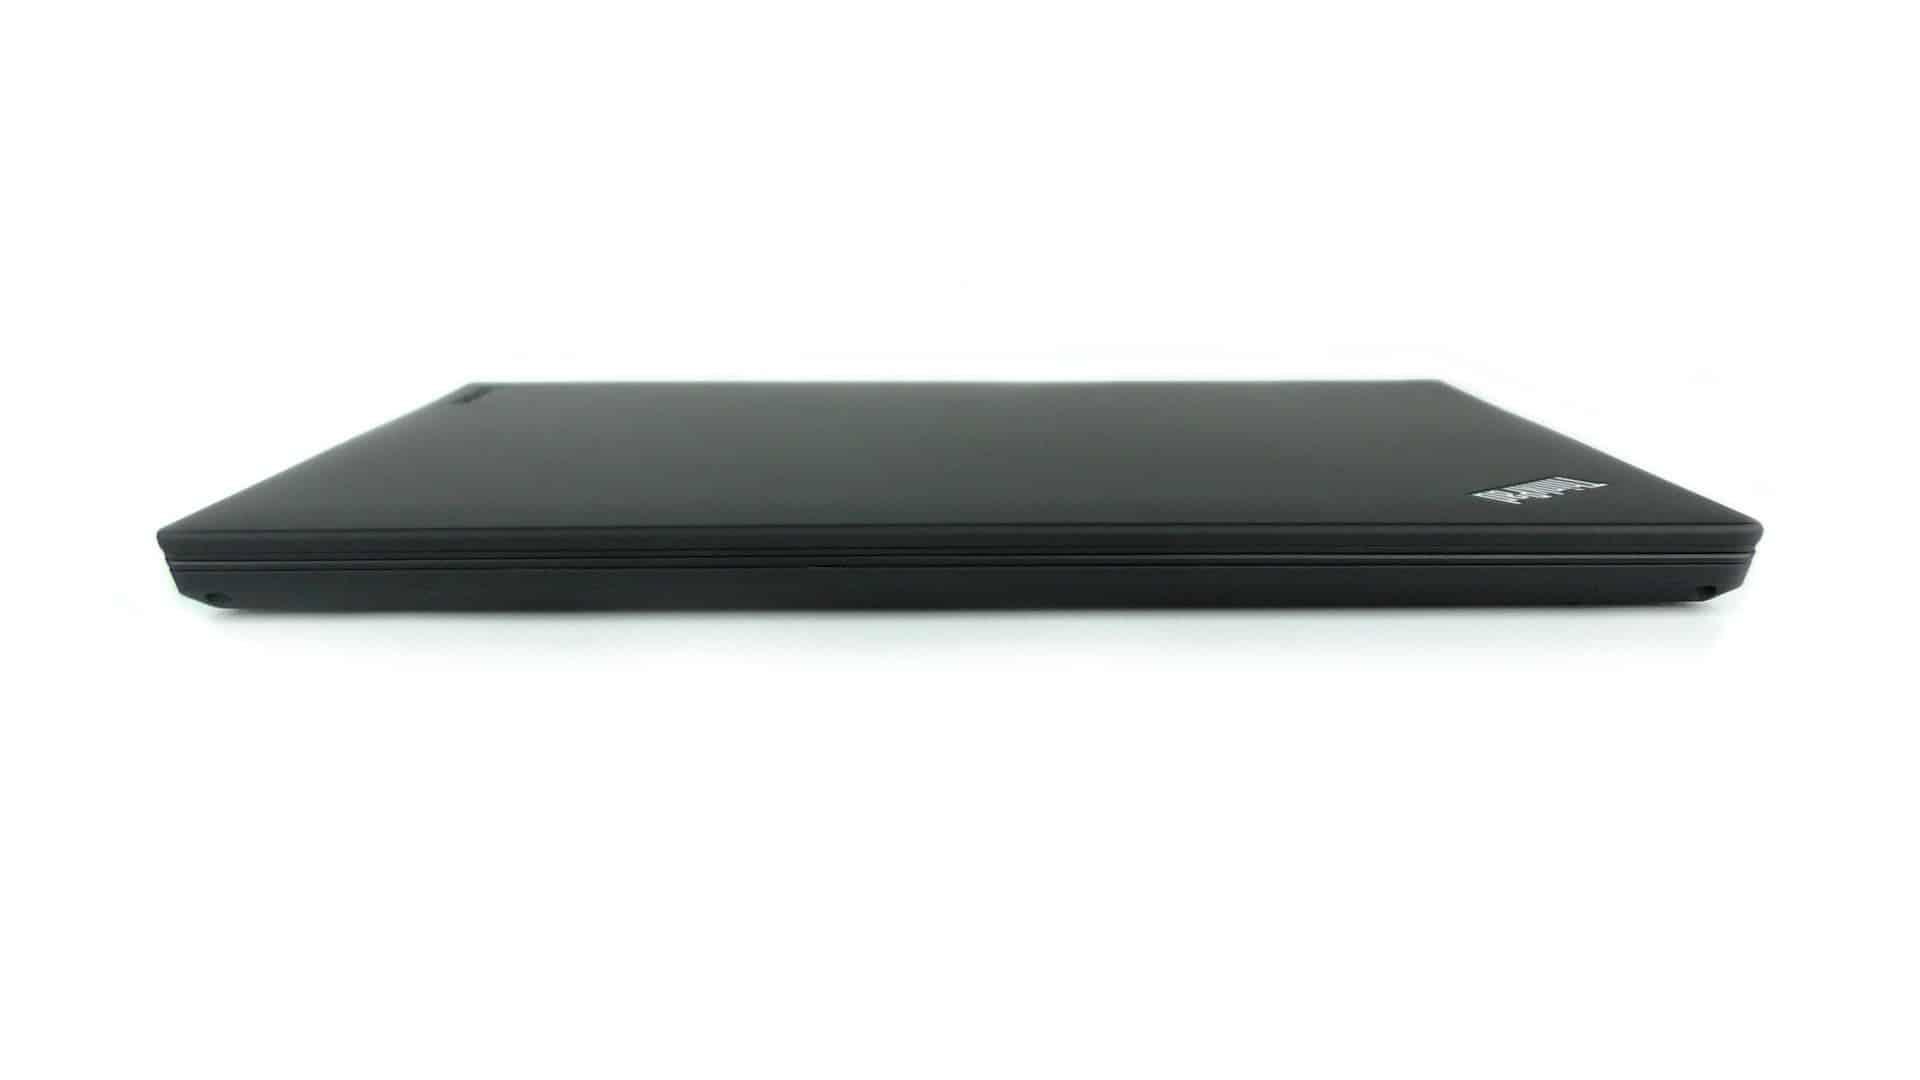 Lenovo ThinkPad A475 - front notebooka